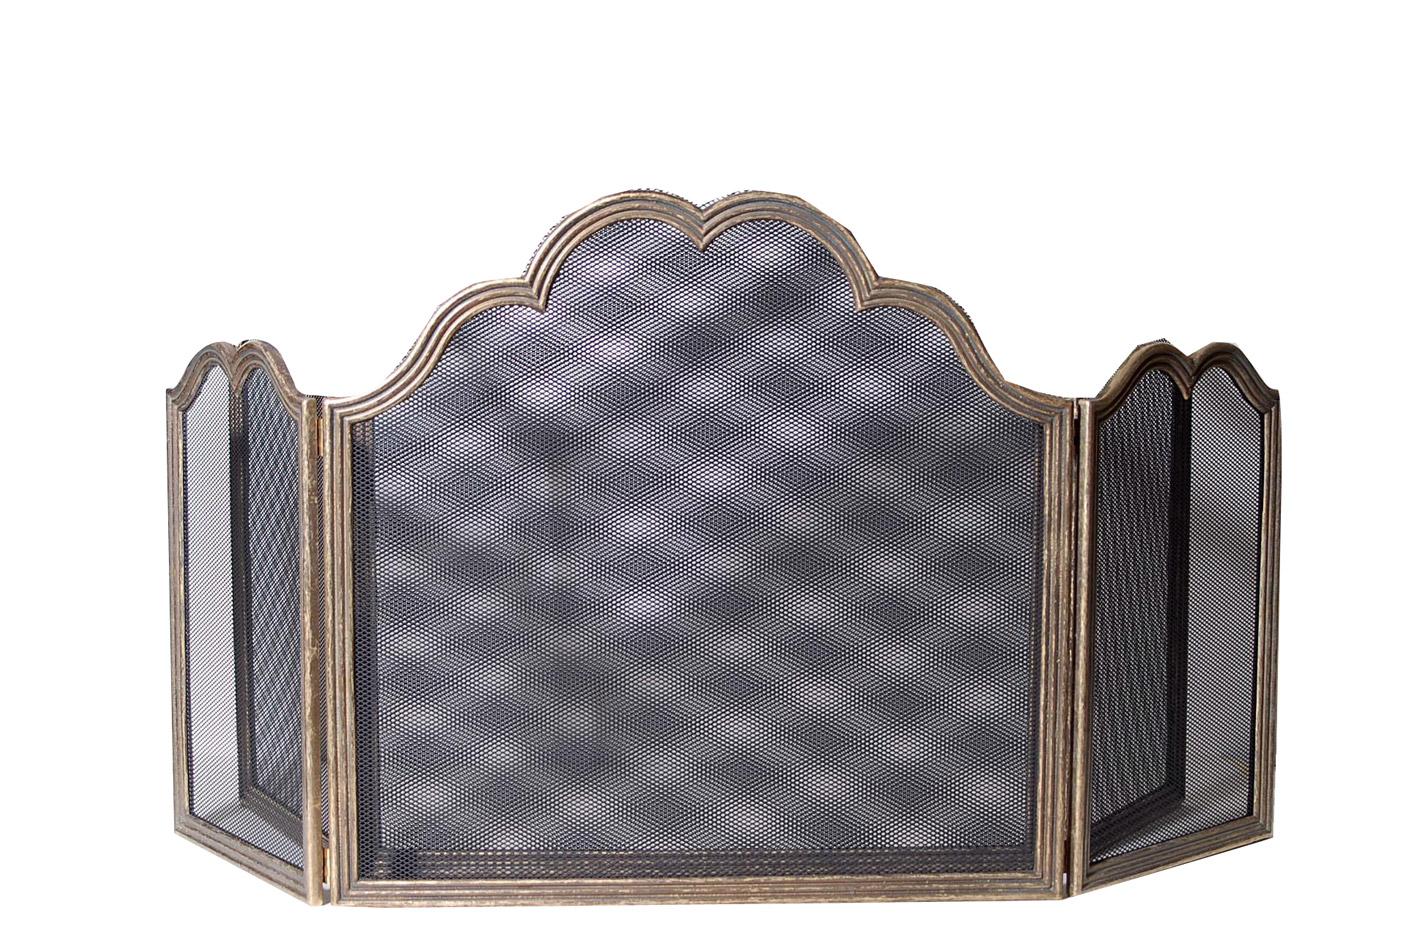 Προστατευτικό Τζακιού Μπρούτζινο Royal Art 100x60εκ. LEB1013BR (Υλικό: Μπρούτζινο) - Royal Art Collection - LEB1013BR